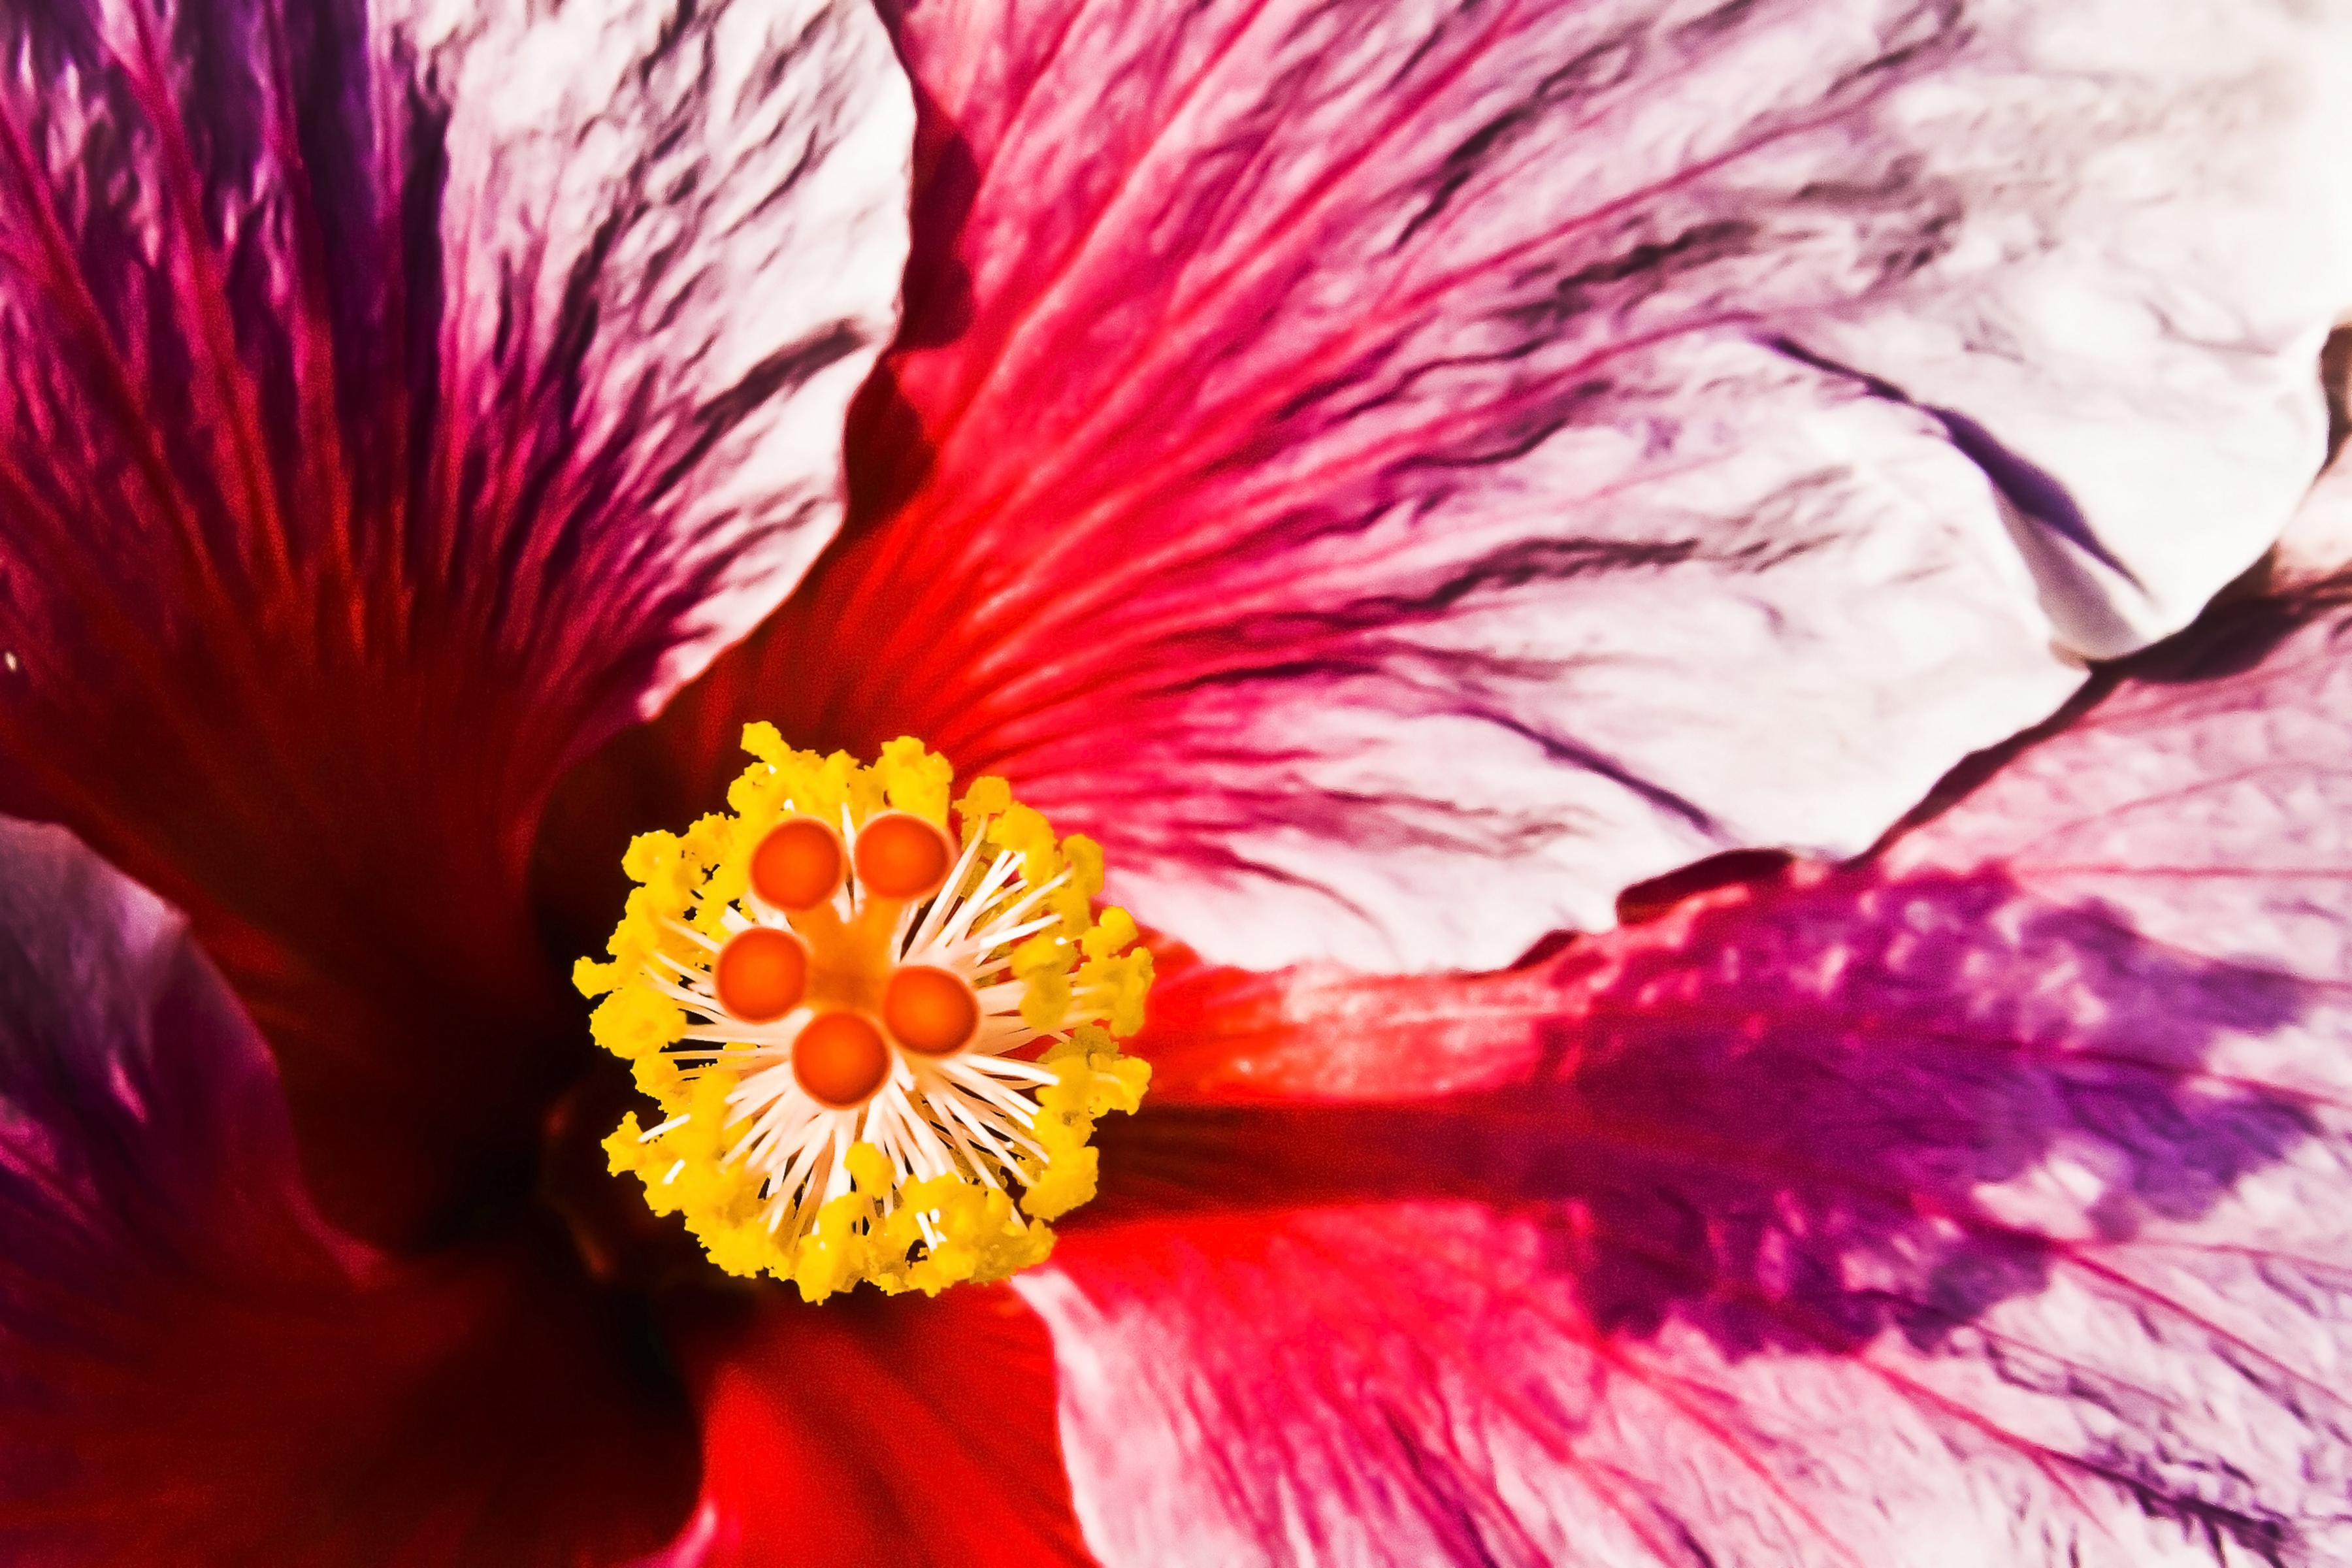 Bouton_d'or_en_fleur